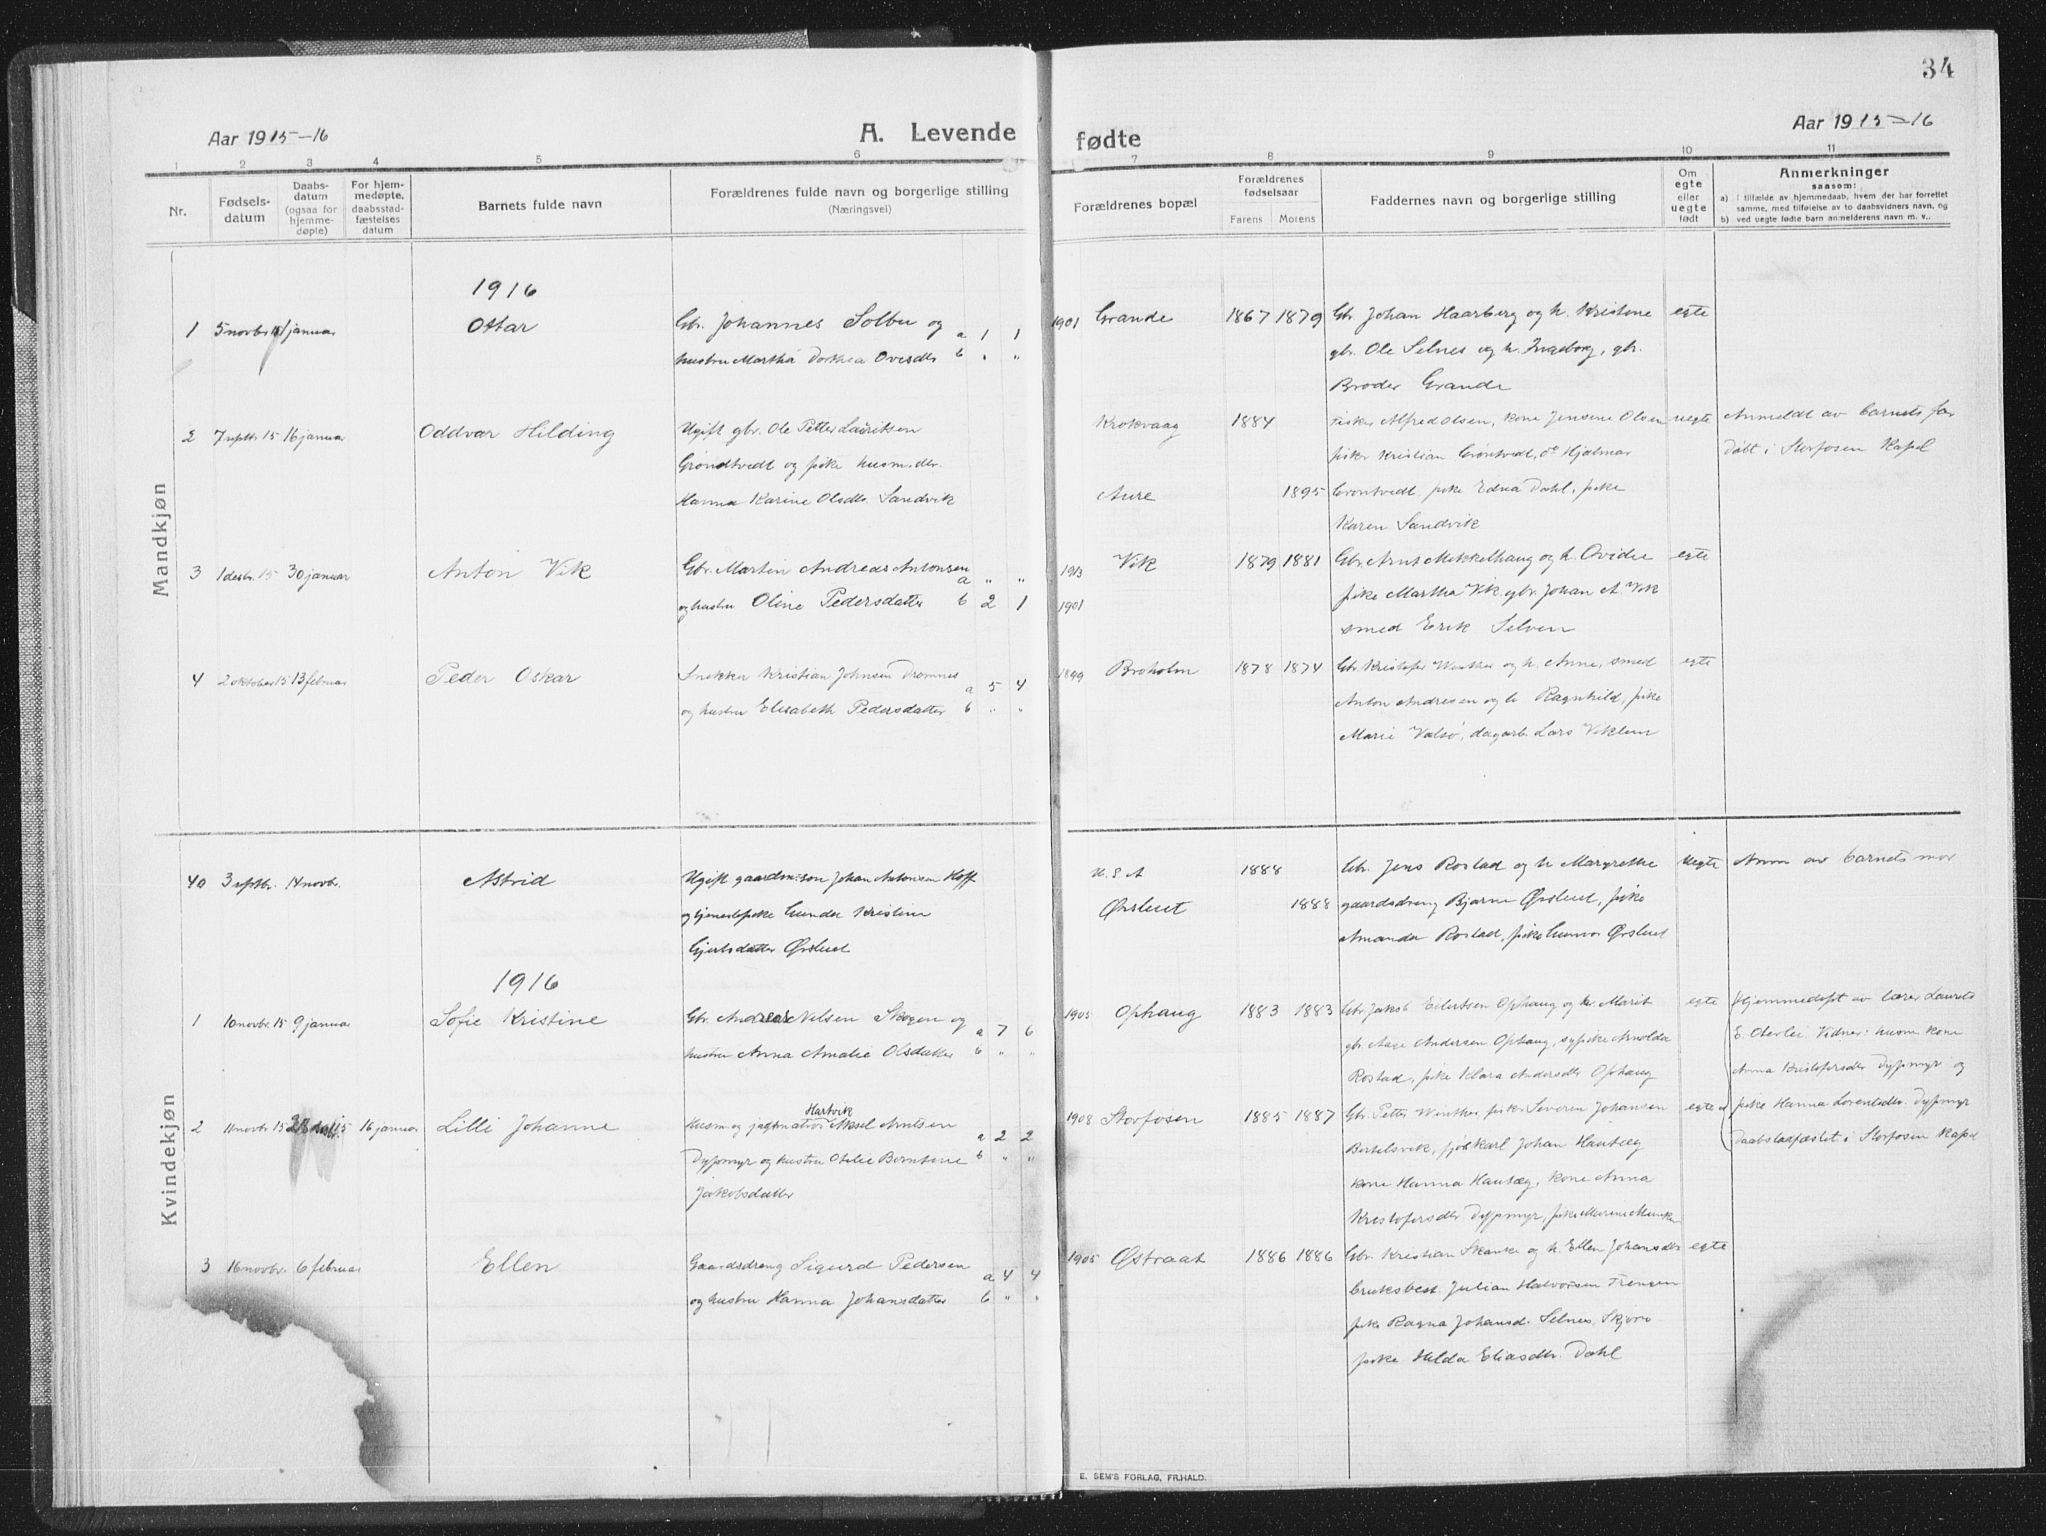 SAT, Ministerialprotokoller, klokkerbøker og fødselsregistre - Sør-Trøndelag, 659/L0747: Klokkerbok nr. 659C04, 1913-1938, s. 34